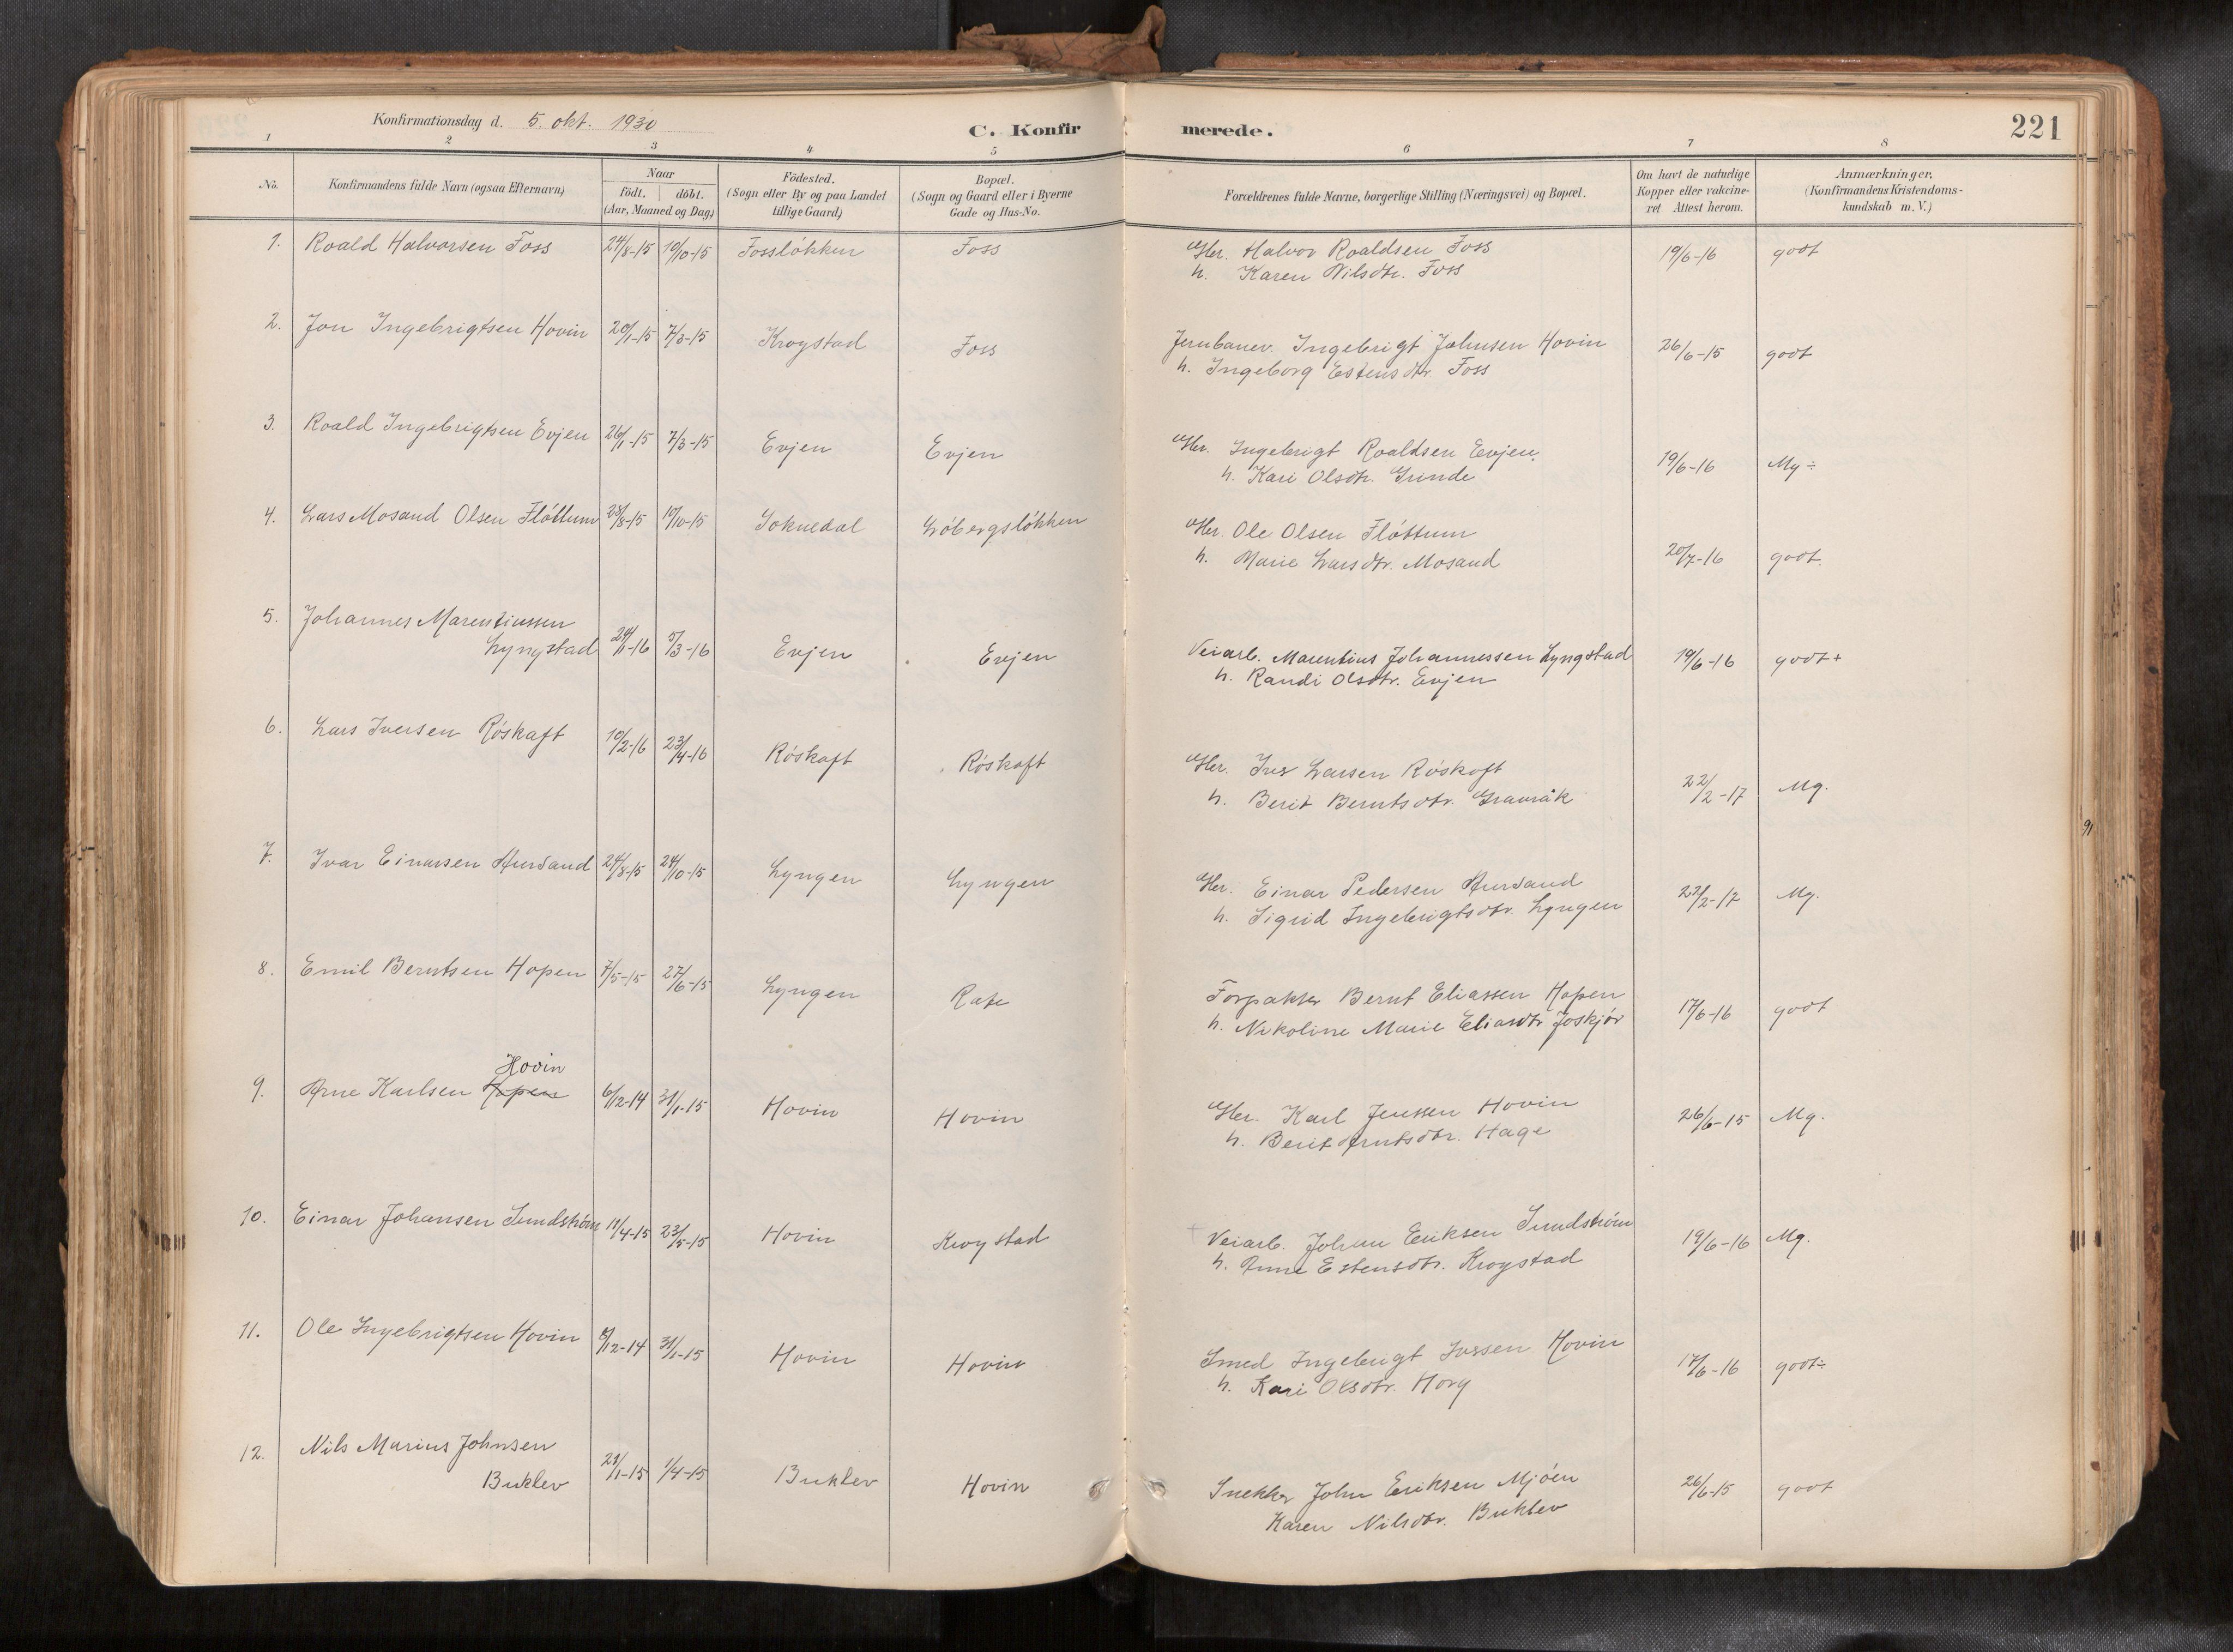 SAT, Ministerialprotokoller, klokkerbøker og fødselsregistre - Sør-Trøndelag, 692/L1105b: Ministerialbok nr. 692A06, 1891-1934, s. 221